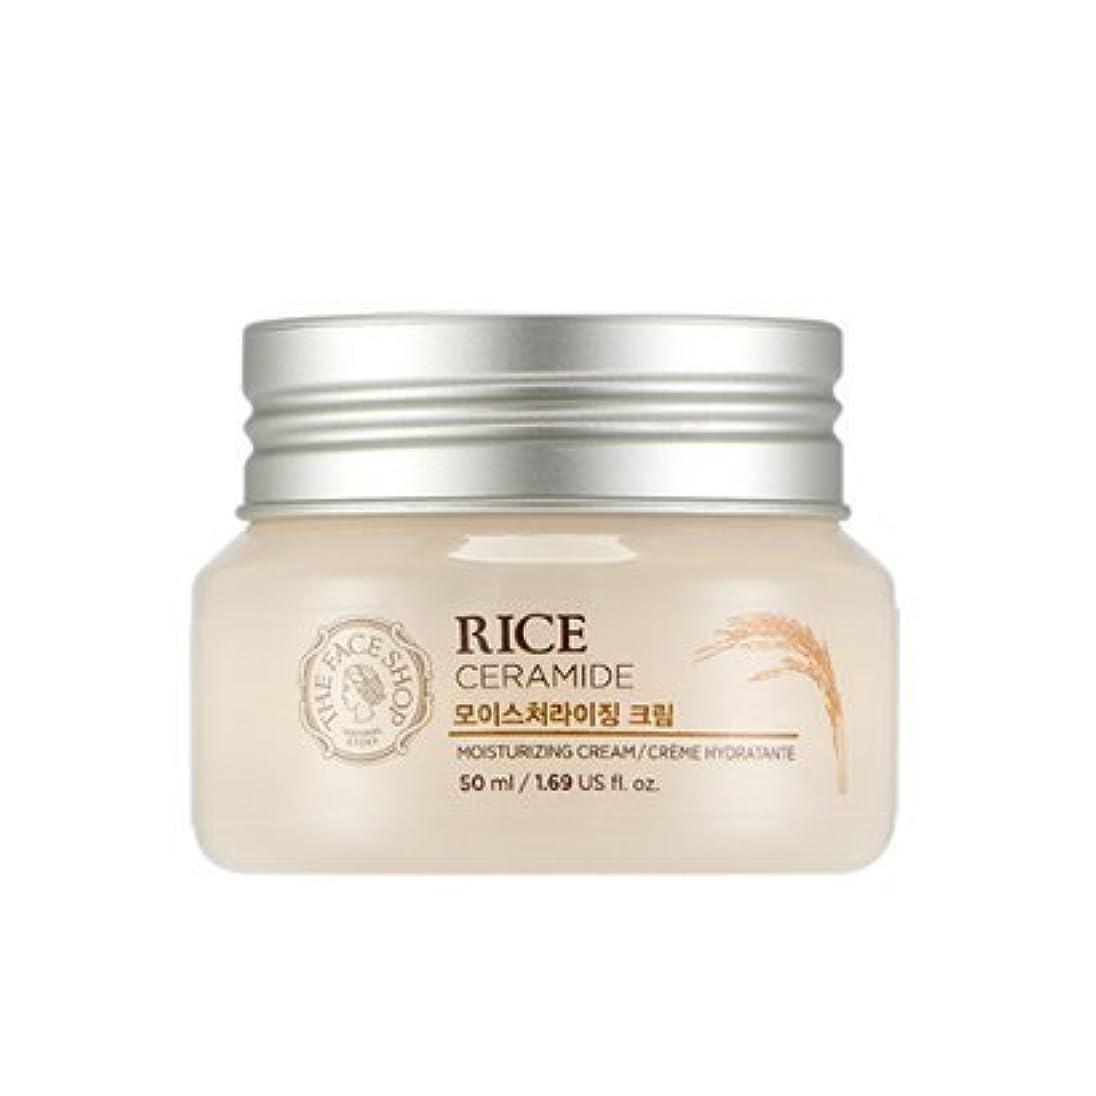 セーブサーキットに行くダンプTHE FACE SHOP Rice & Ceramide Moisturizing Cream ザフェイスショップ ライス&セラミドモイスチャーライジングクリーム [並行輸入品]